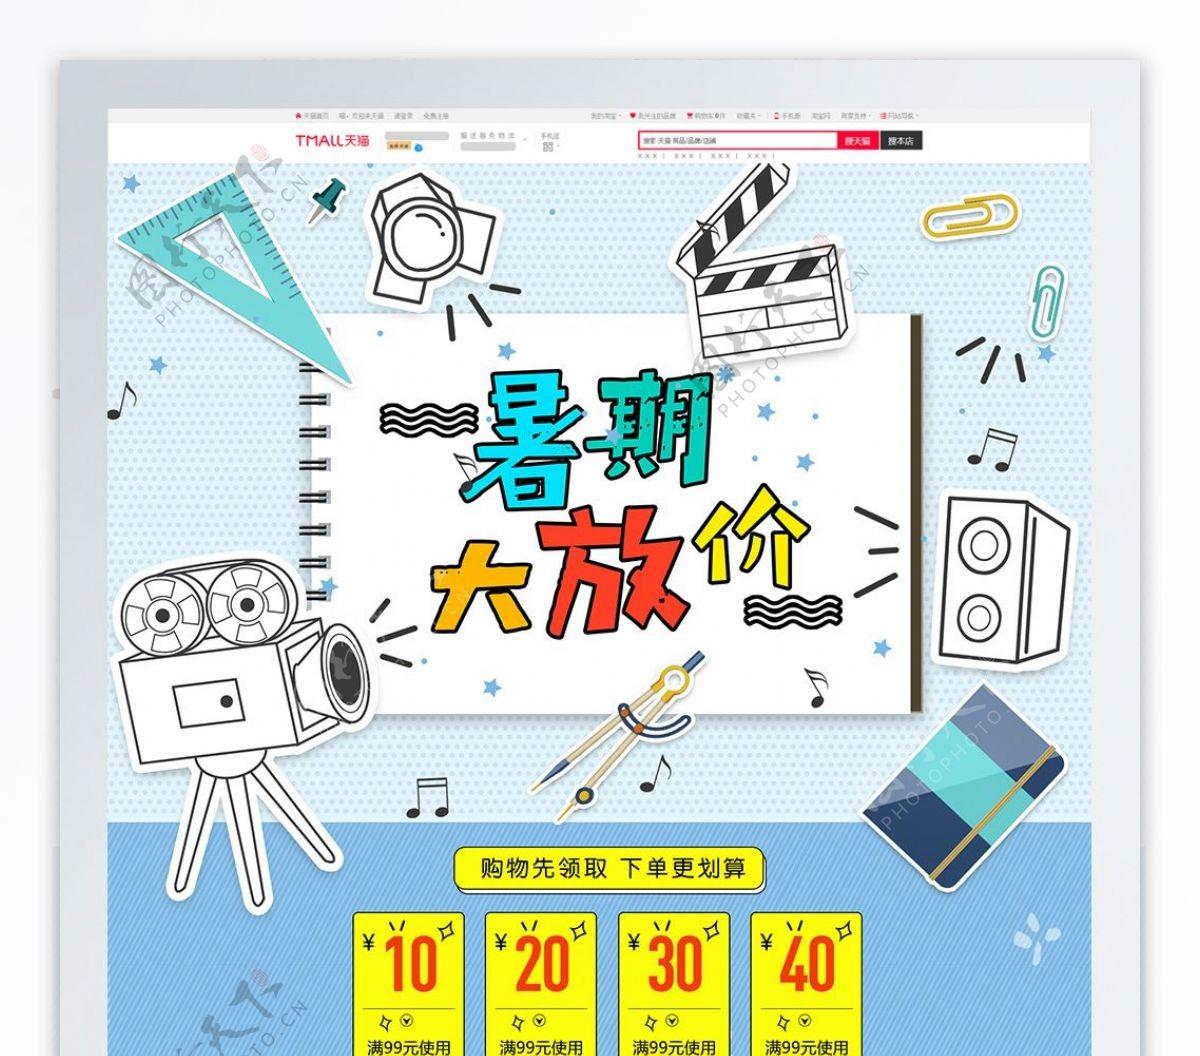 淘宝天猫暑假暑期狂暑季首页